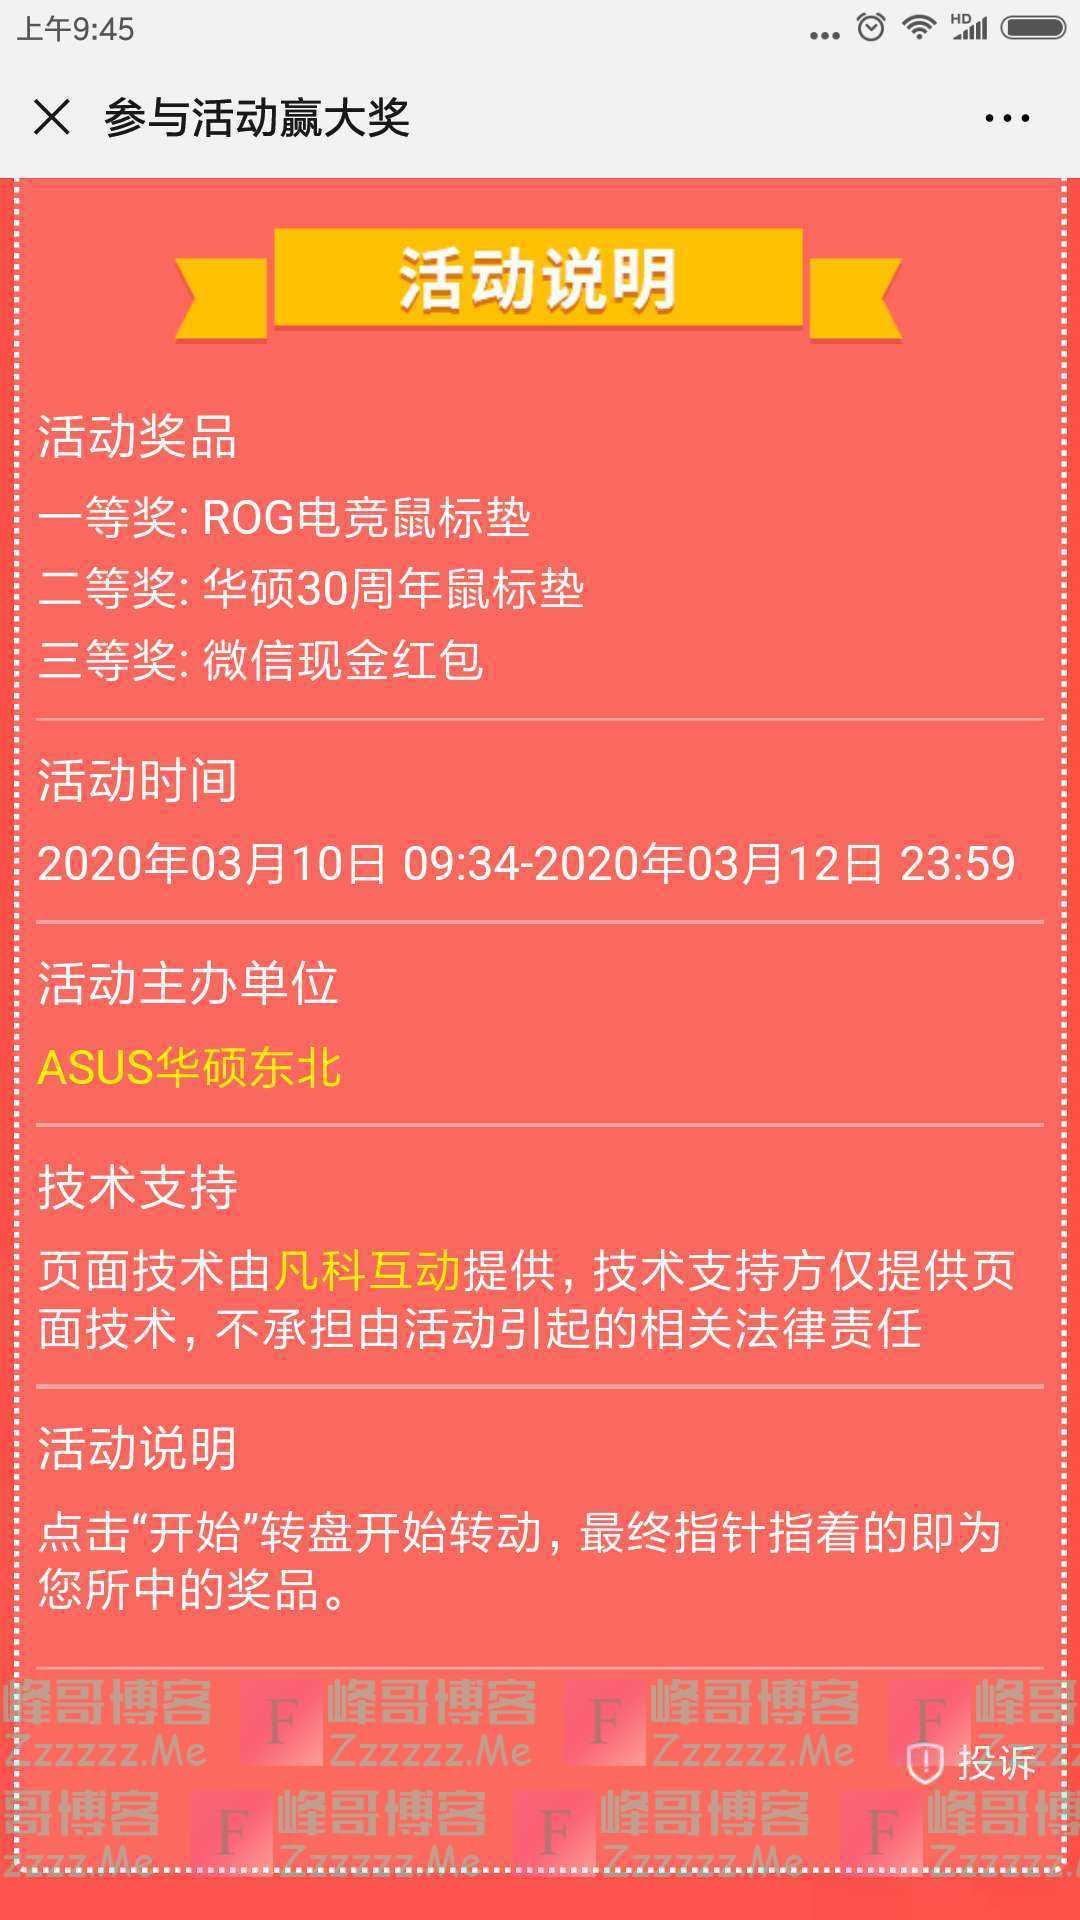 ASUS华硕东北红包福利(截止3月12日)